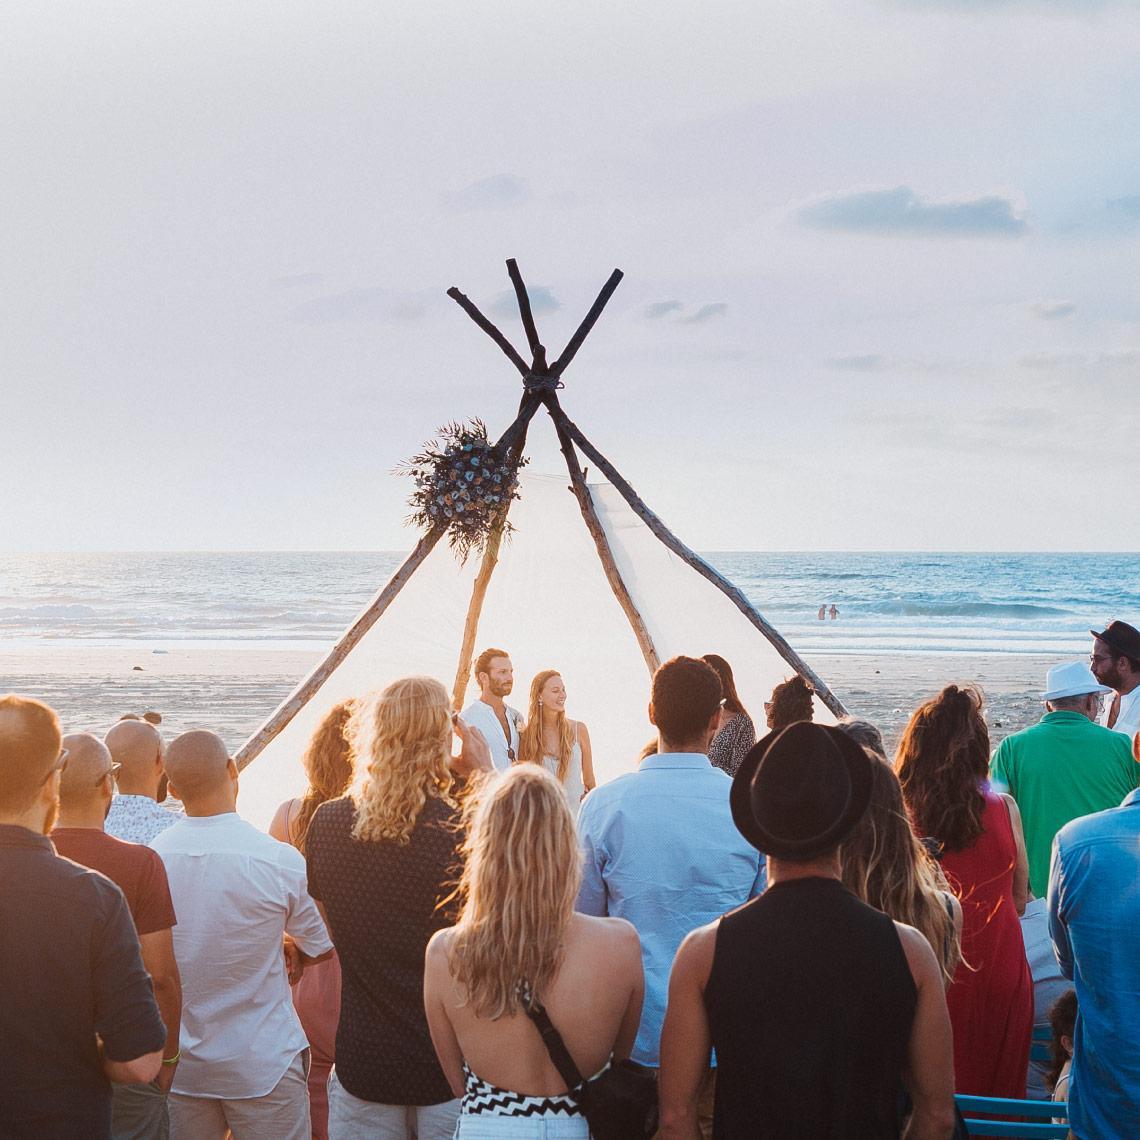 אירוע רומנטי על החוף - מרפסת בטבע